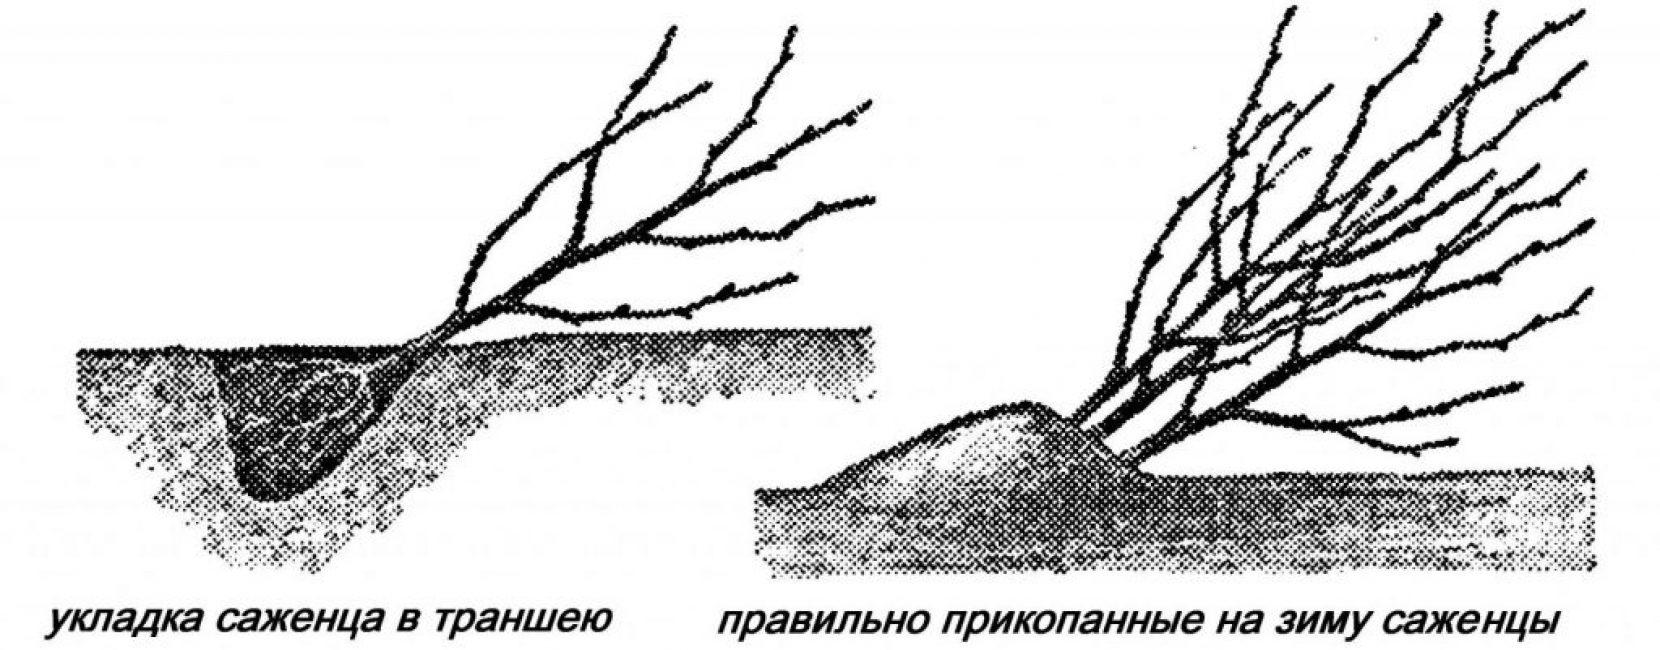 Саженец, помещенный на зиму в траншею